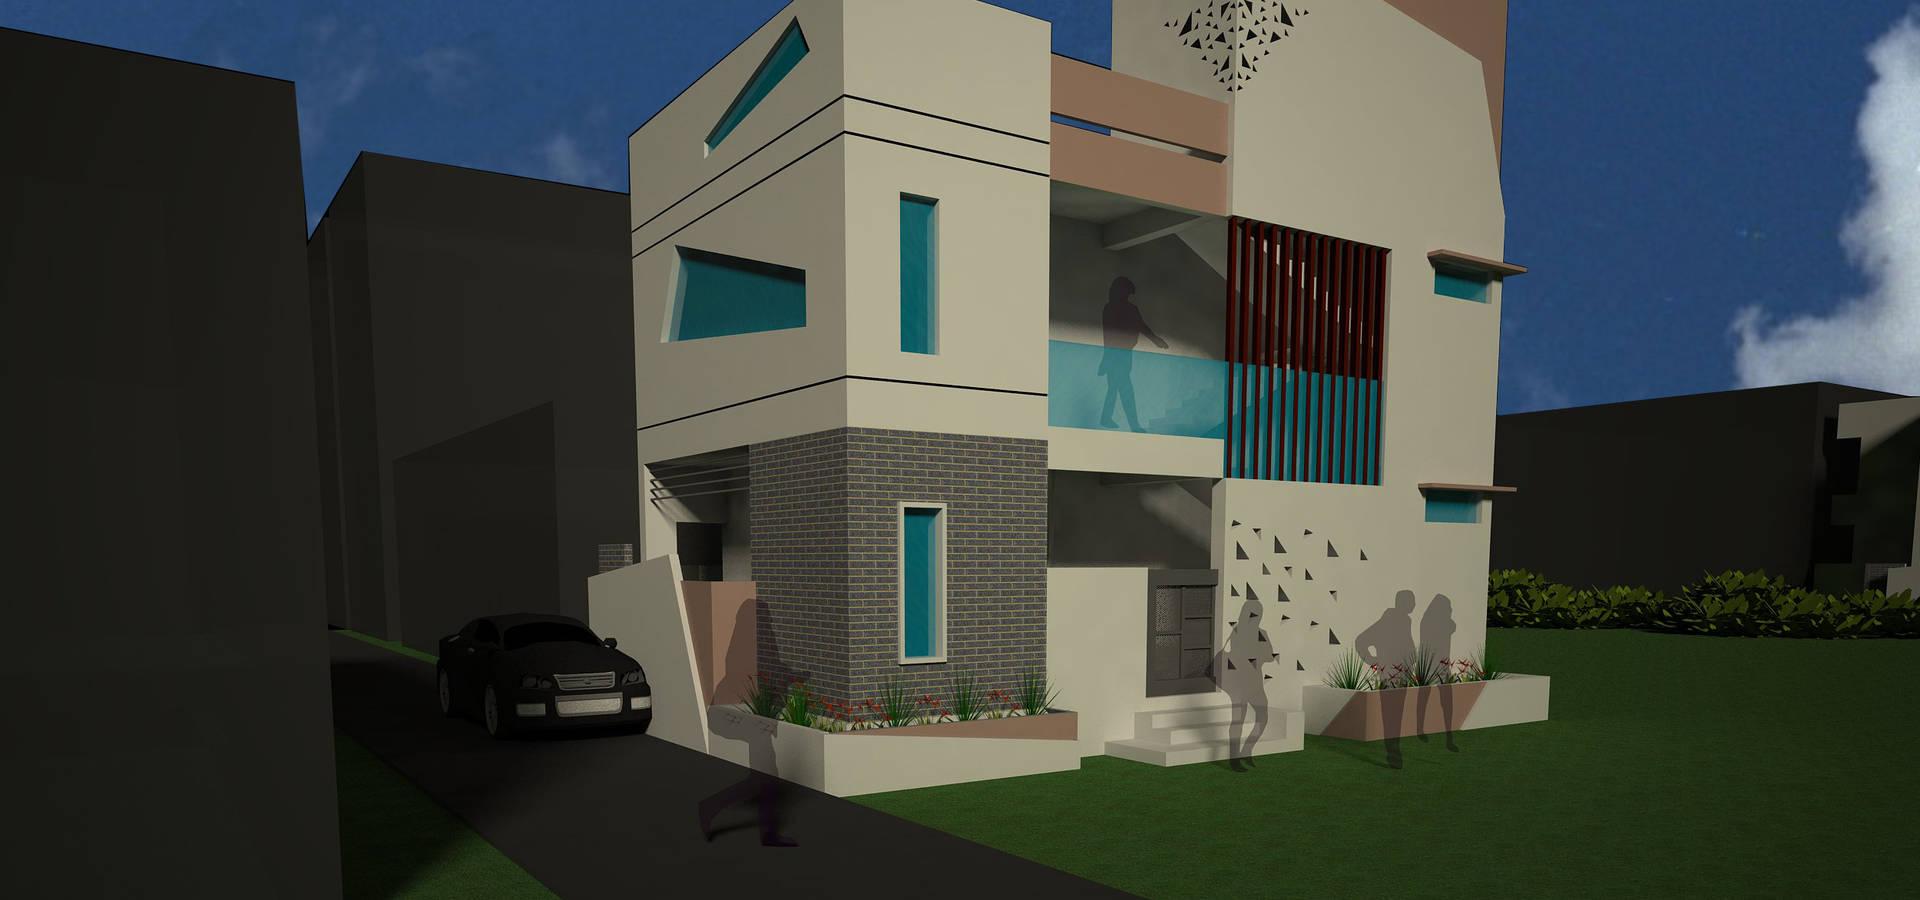 CONCEPTECTURE- architecture & interiors